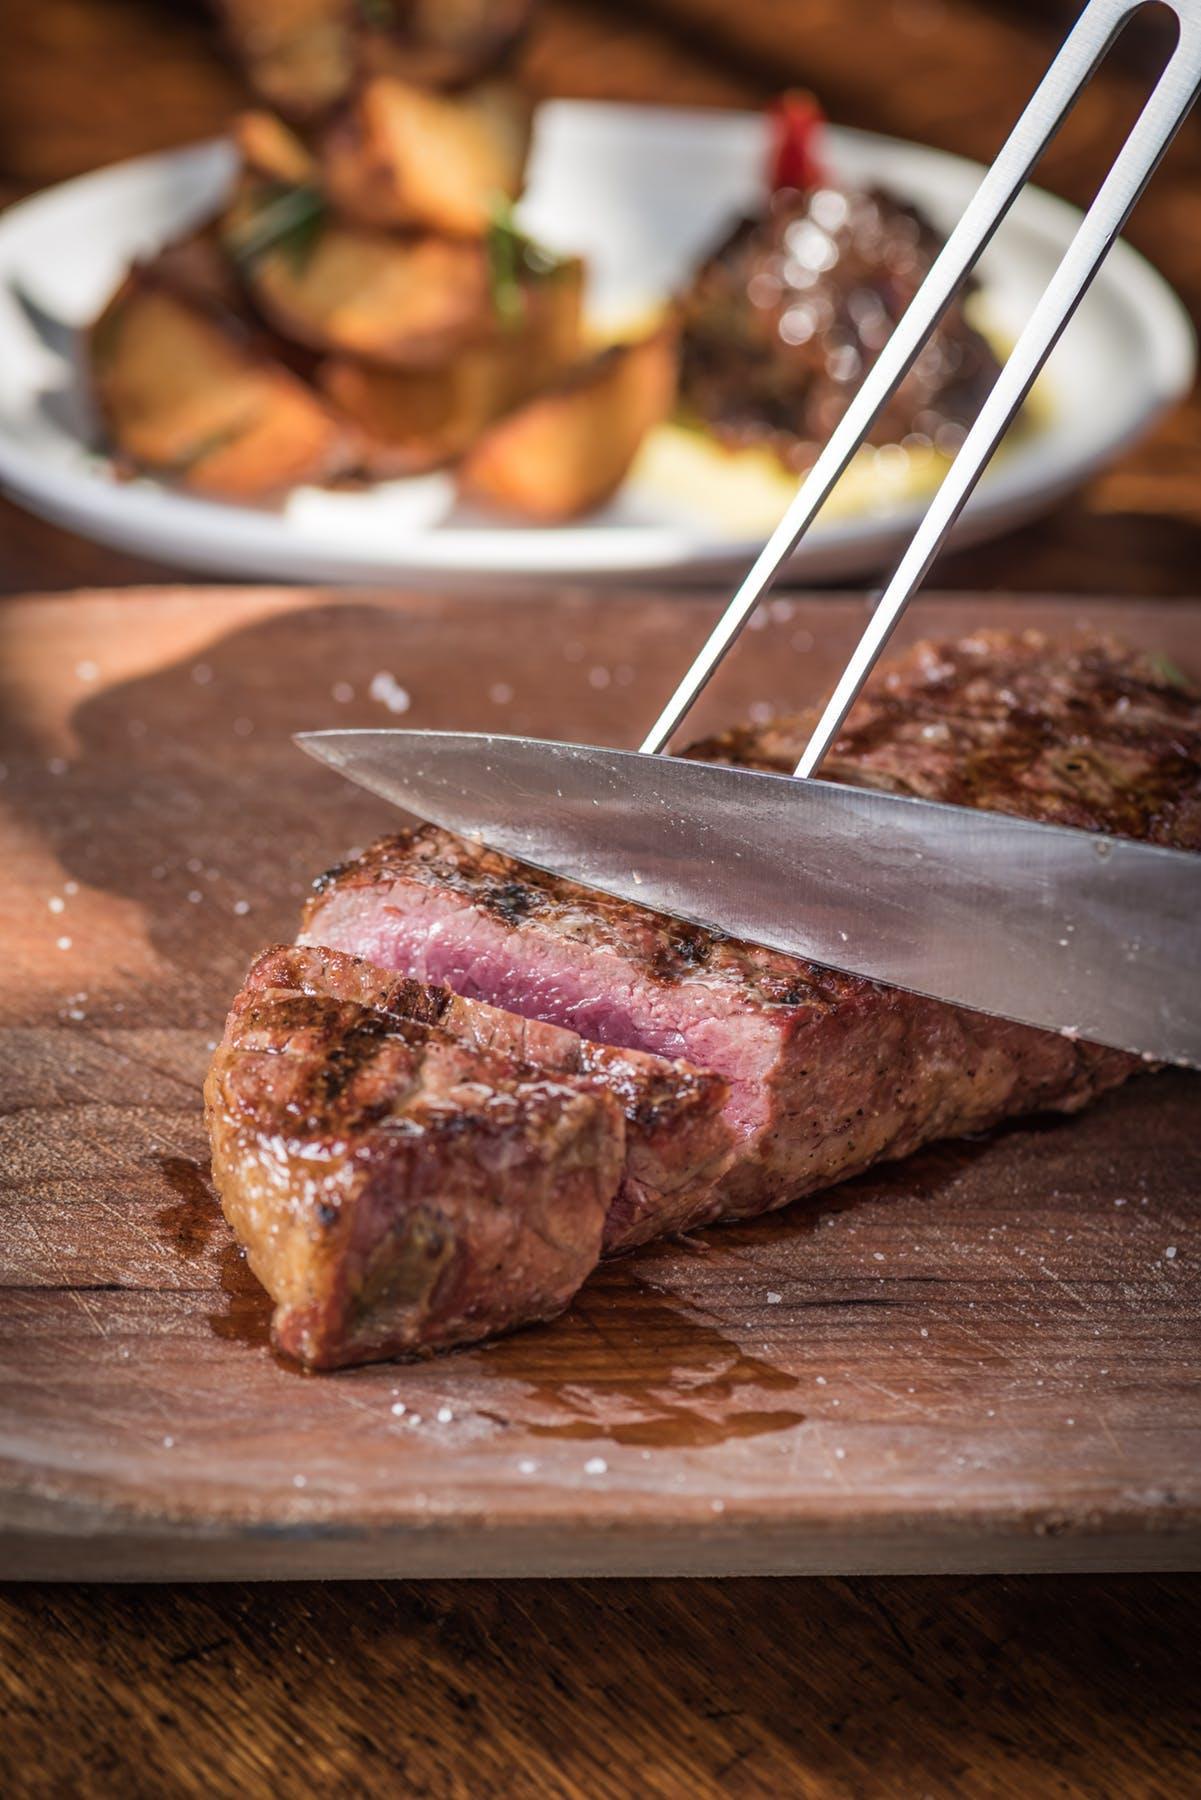 slicing a steak